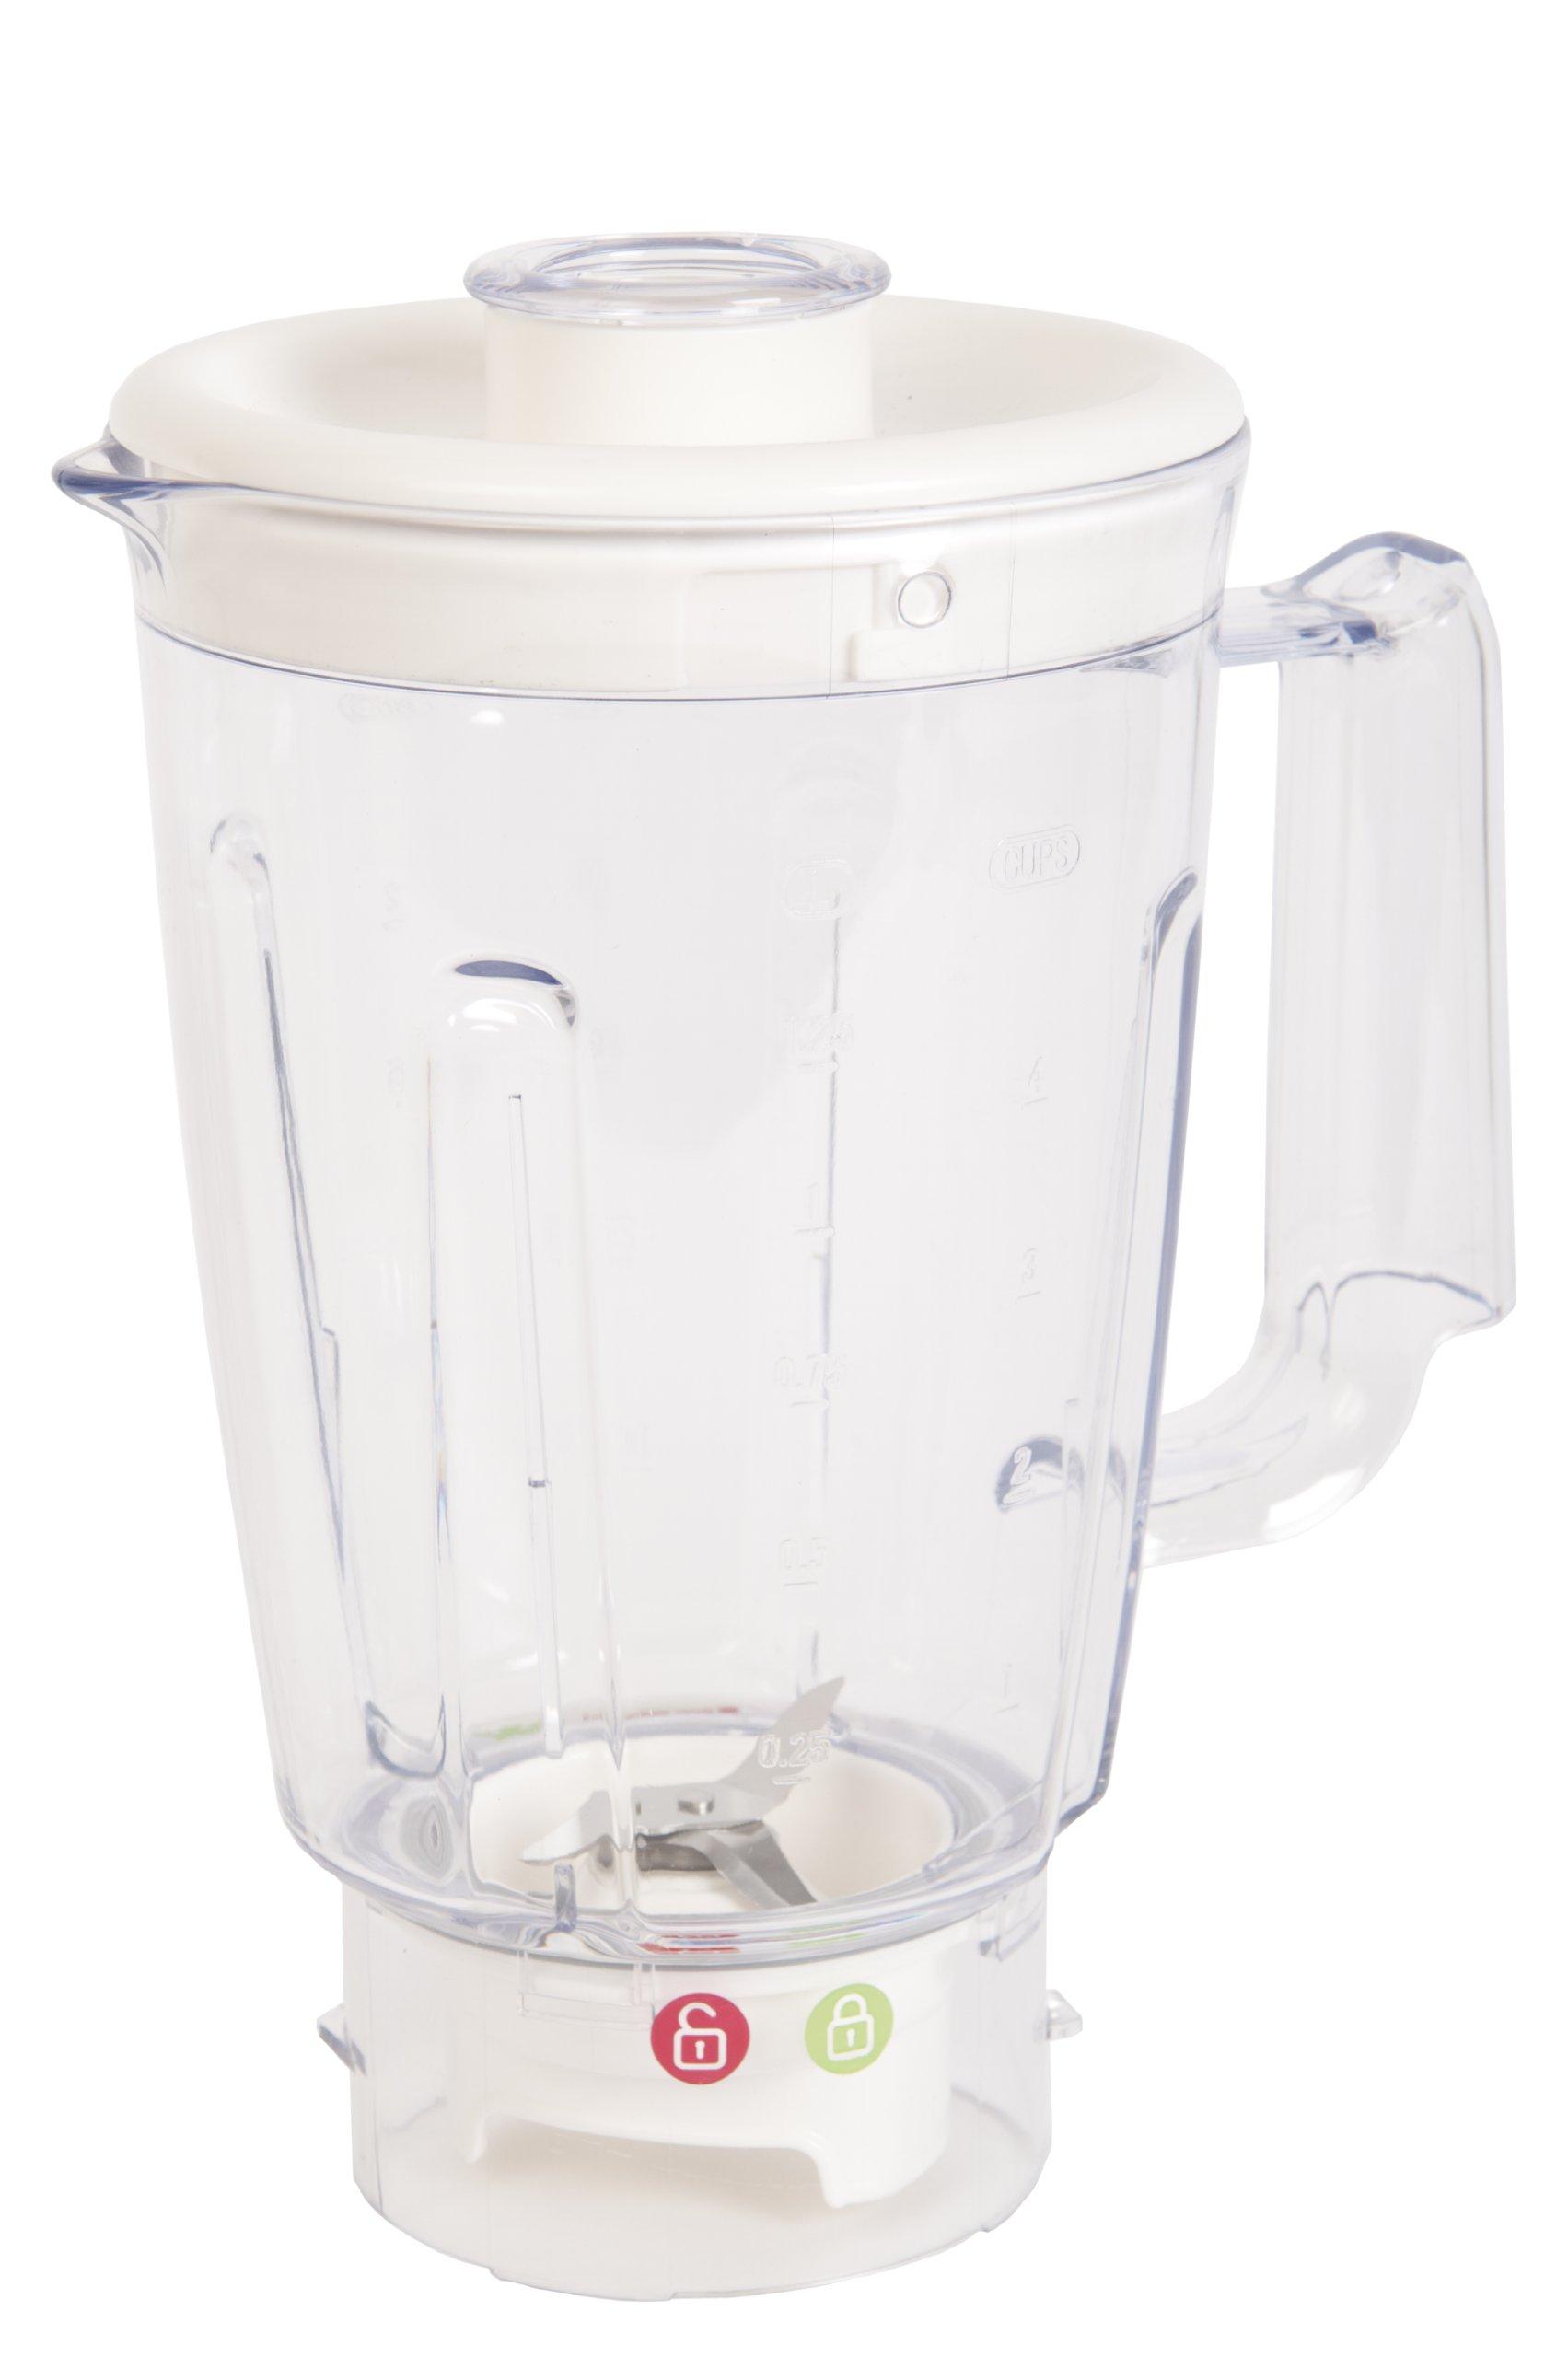 Moulinex XF940401, Vaso frullatore, accessorio